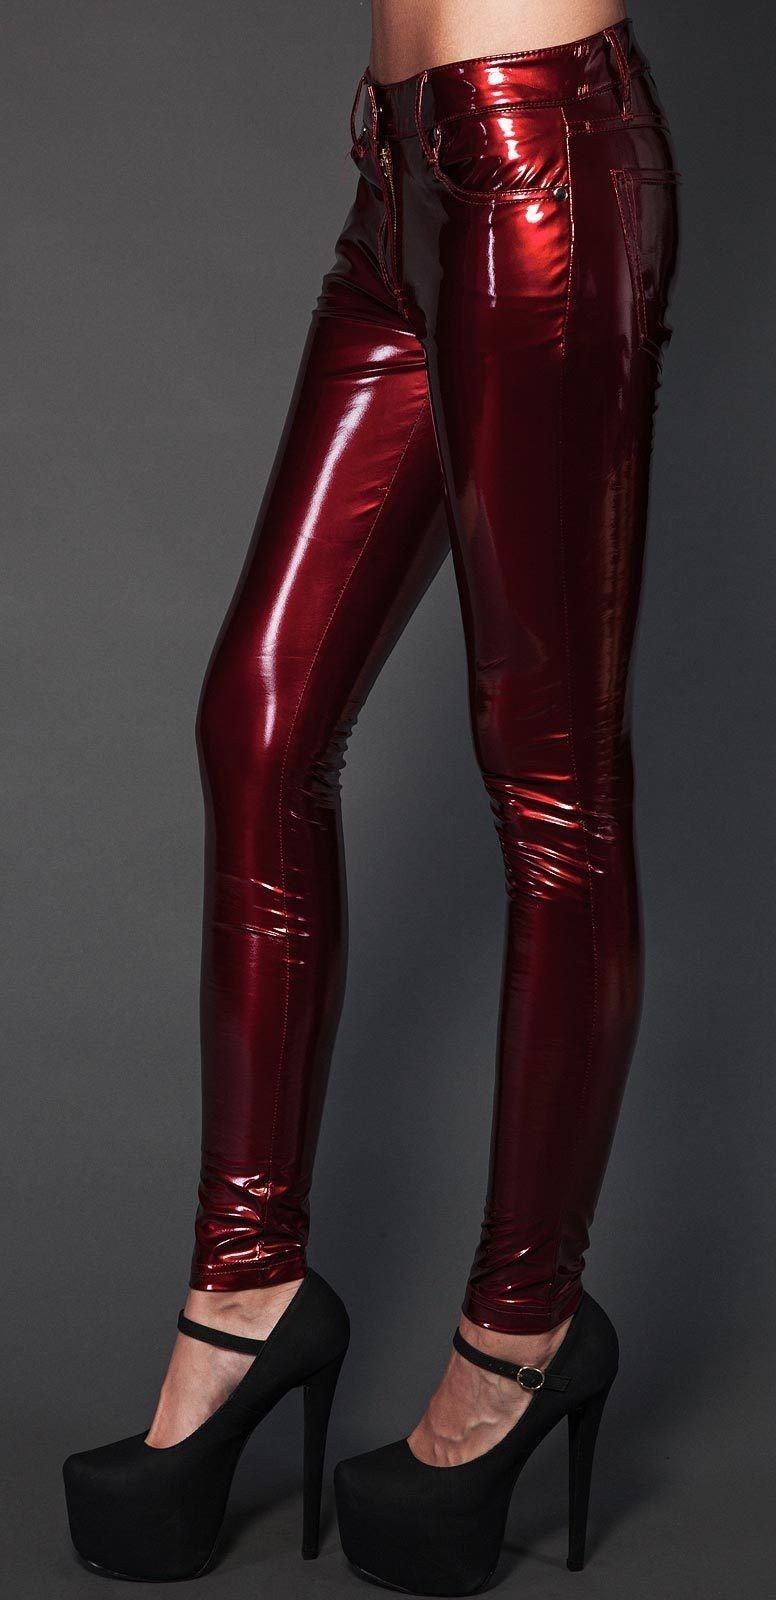 pvc housut